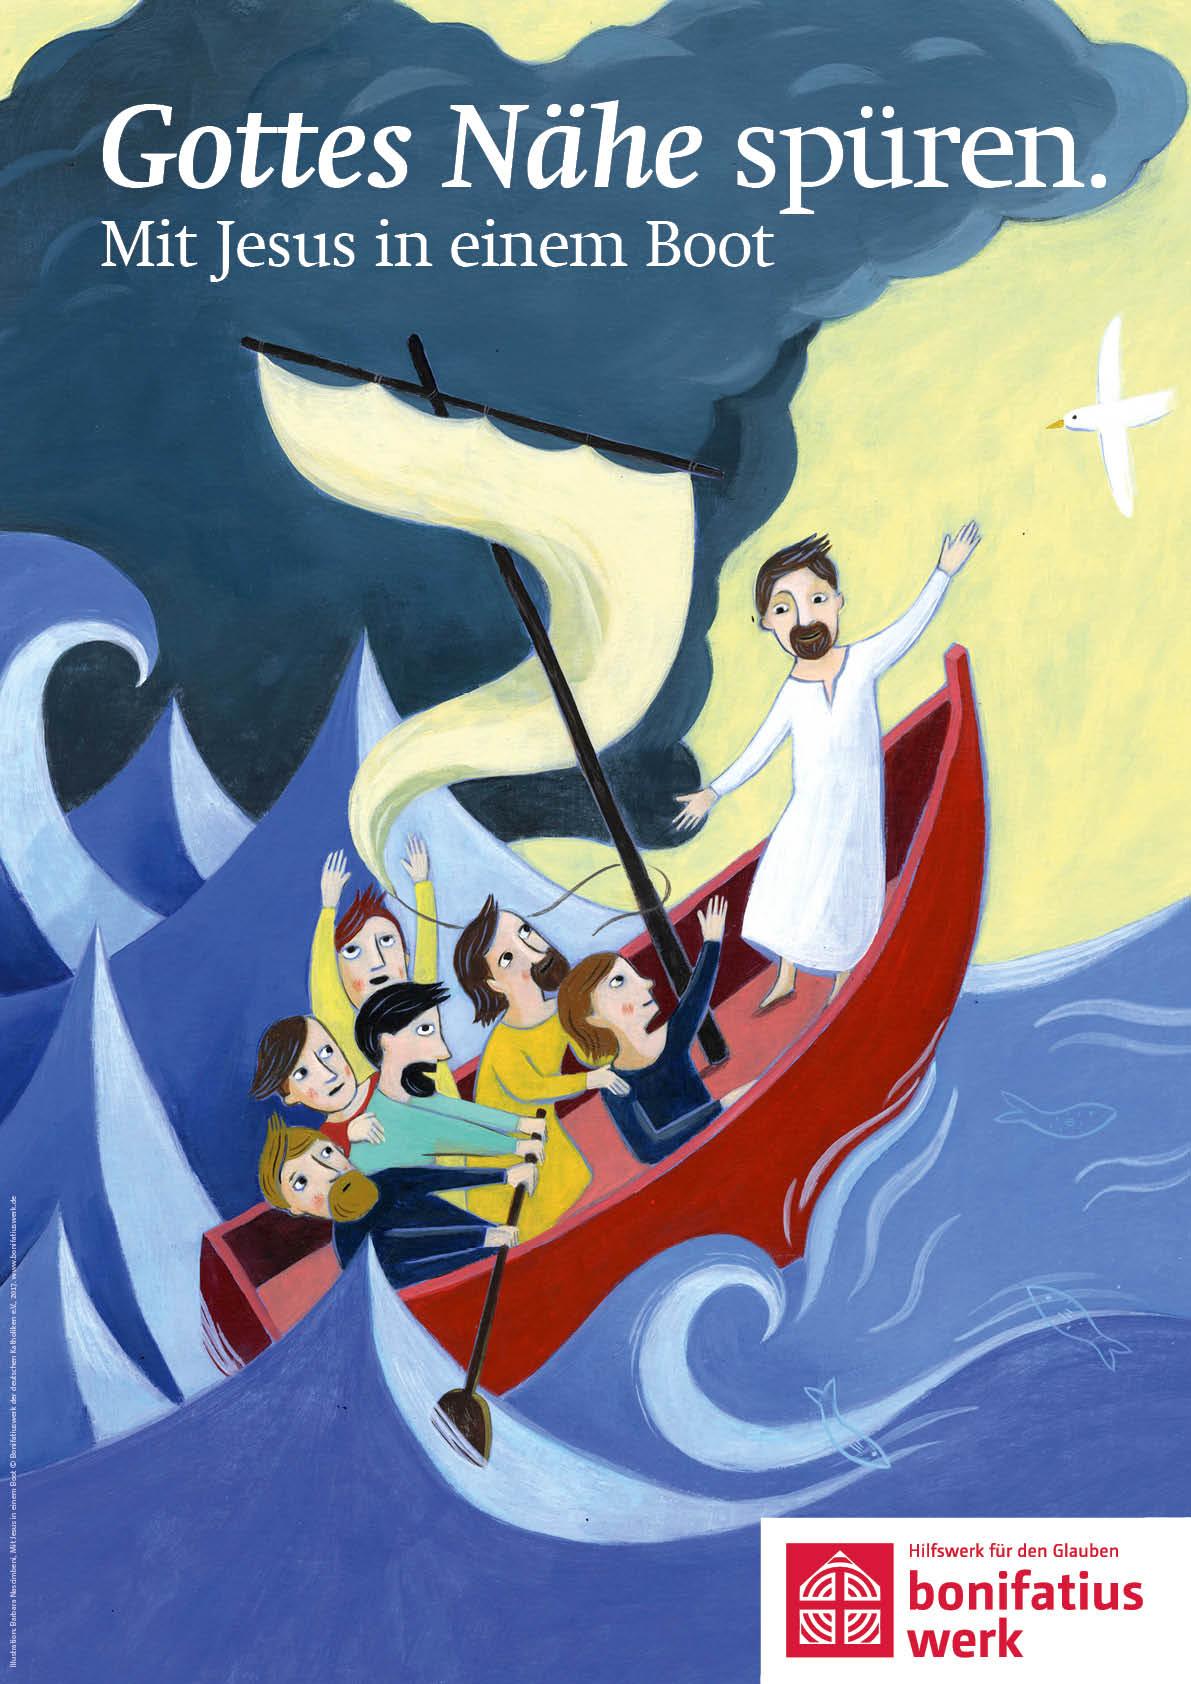 von jesus berührt reinhard horn